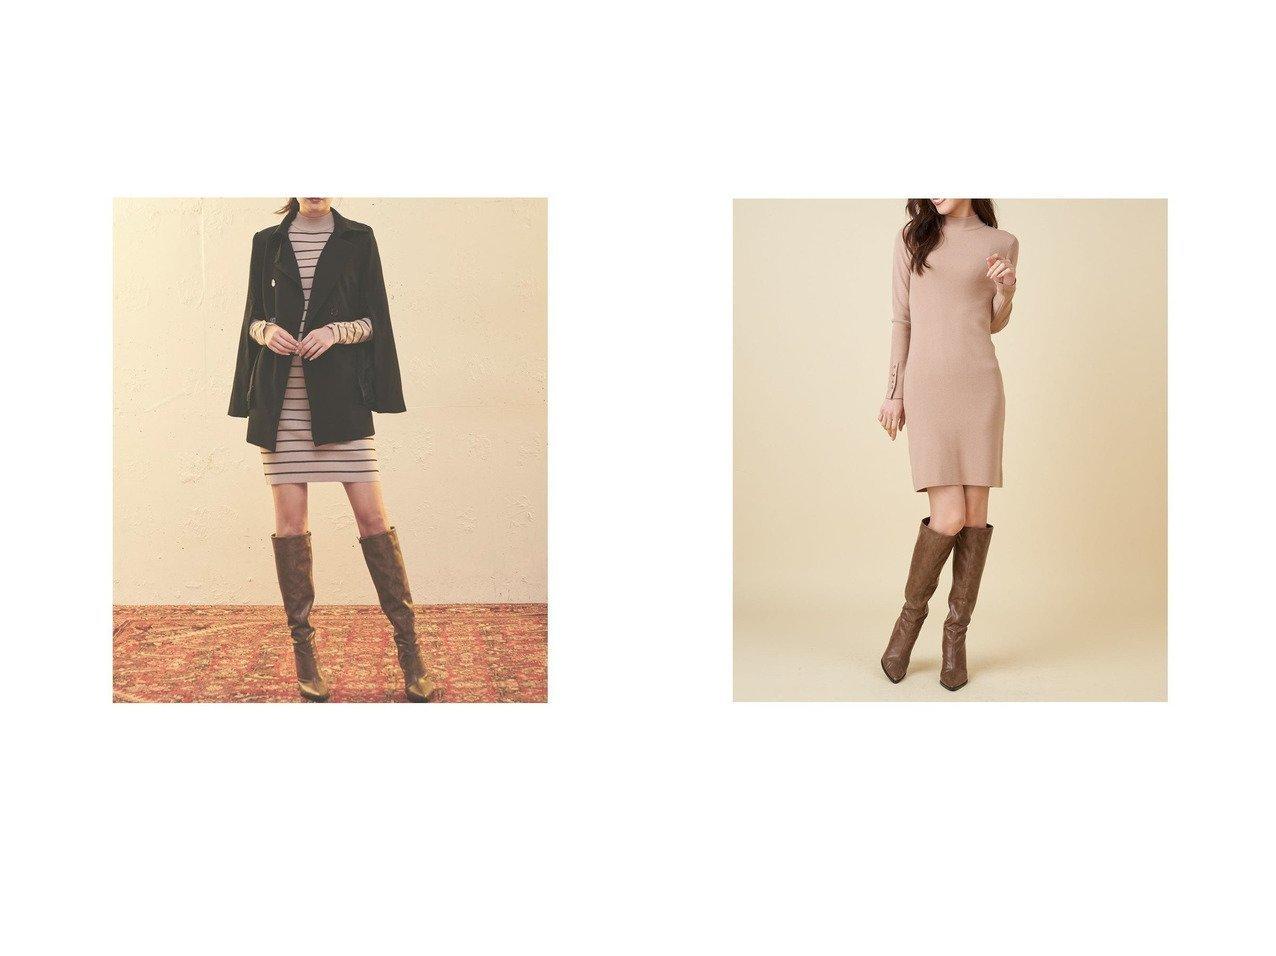 【ROYAL PARTY/ロイヤルパーティー】の【洗えるニットワンピース】タイトワンピース ワンピース・ドレスのおすすめ!人気、トレンド・レディースファッションの通販 おすすめで人気の流行・トレンド、ファッションの通販商品 メンズファッション・キッズファッション・インテリア・家具・レディースファッション・服の通販 founy(ファニー) https://founy.com/ ファッション Fashion レディースファッション WOMEN ワンピース Dress ニットワンピース Knit Dresses 2020年 2020 2020-2021 秋冬 A/W AW Autumn/Winter / FW Fall-Winter 2020-2021 A/W 秋冬 AW Autumn/Winter / FW Fall-Winter ウォッシャブル スリーブ 洗える  ID:crp329100000014783